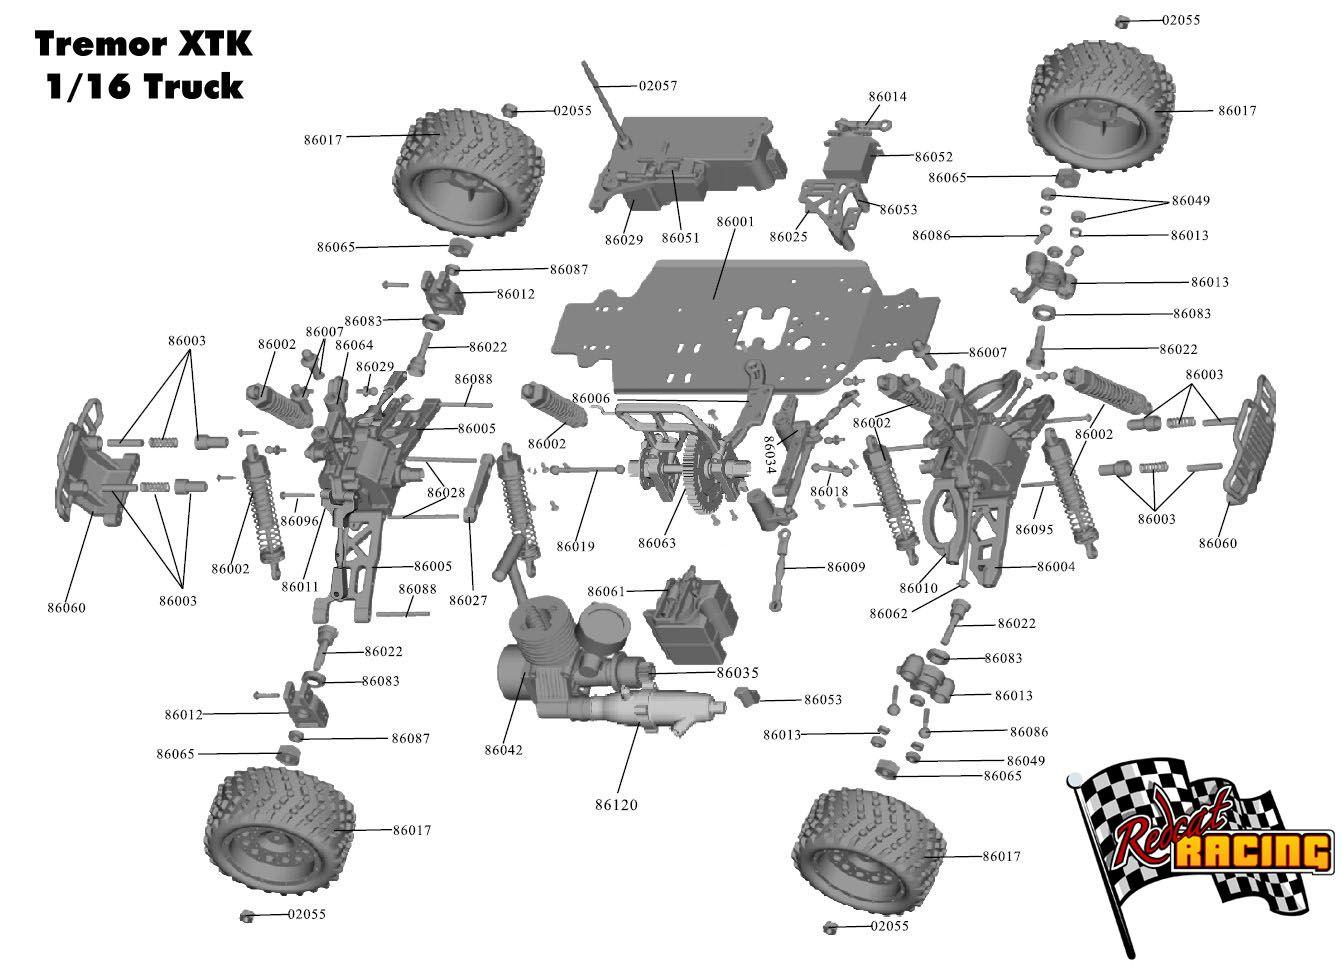 Remote Control Car Parts